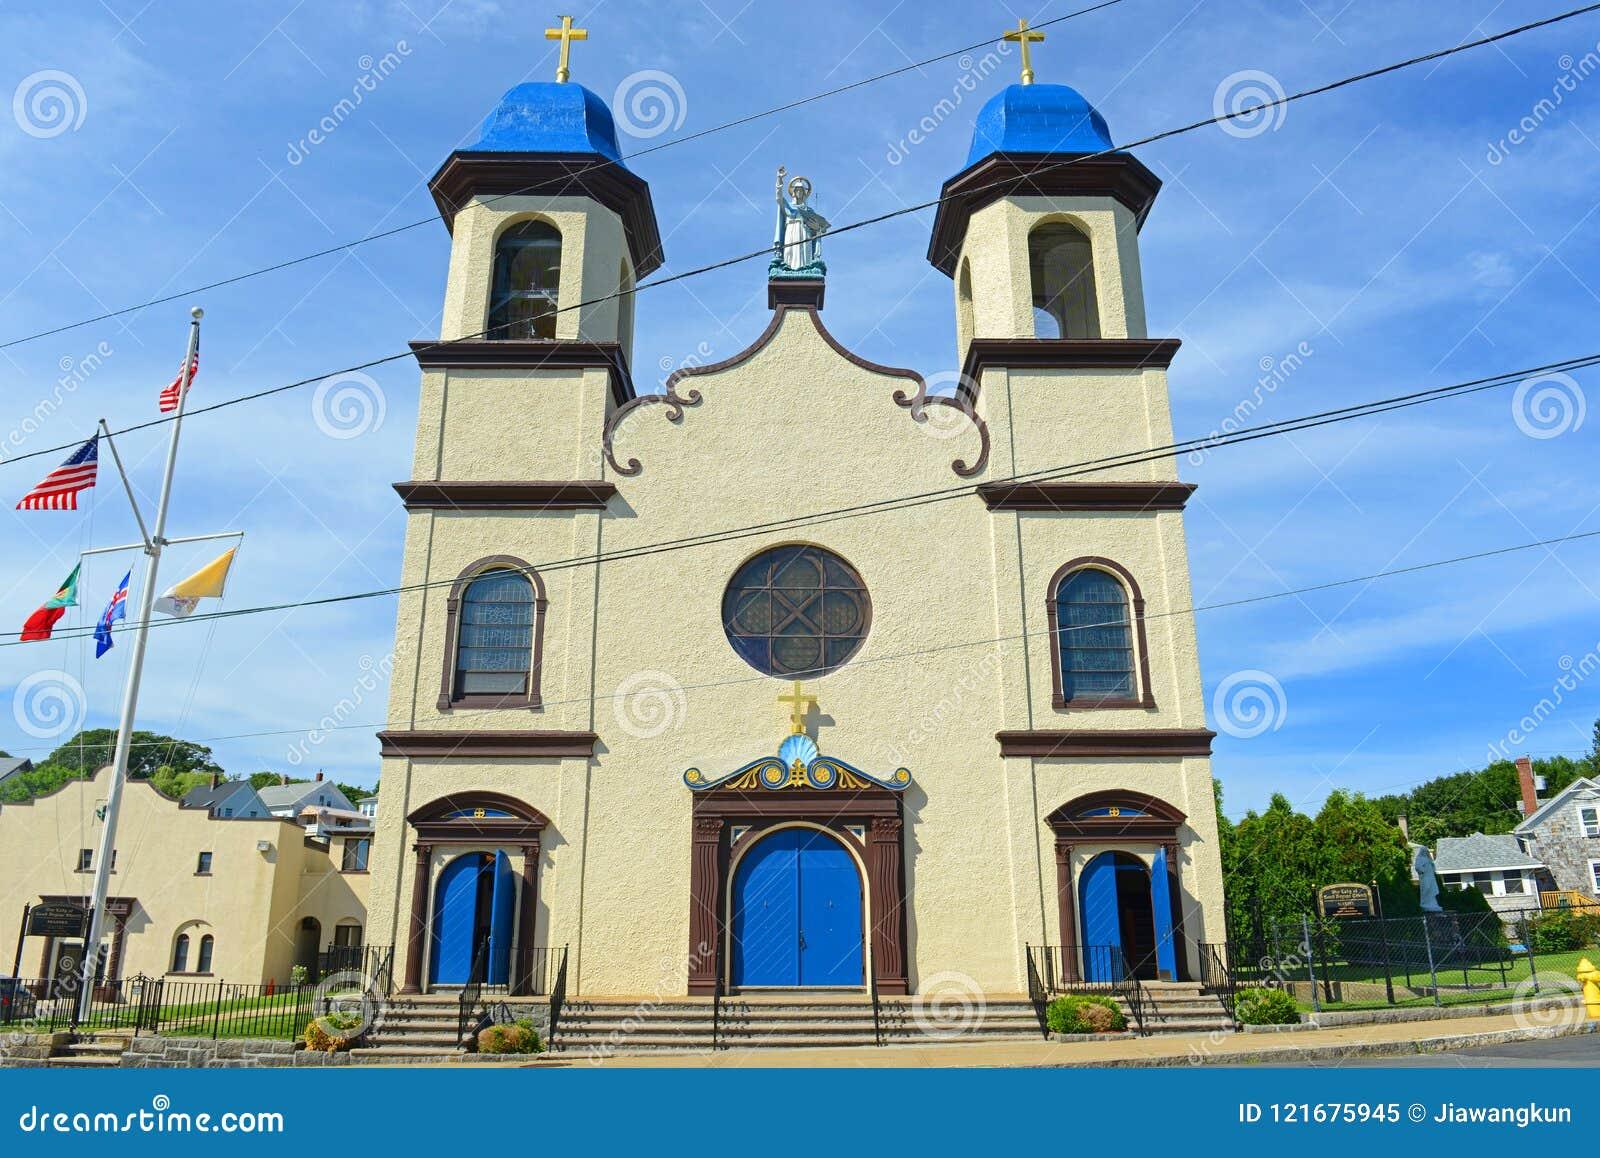 La nostra signora di buona chiesa di viaggio, Gloucester, mA, U.S.A.